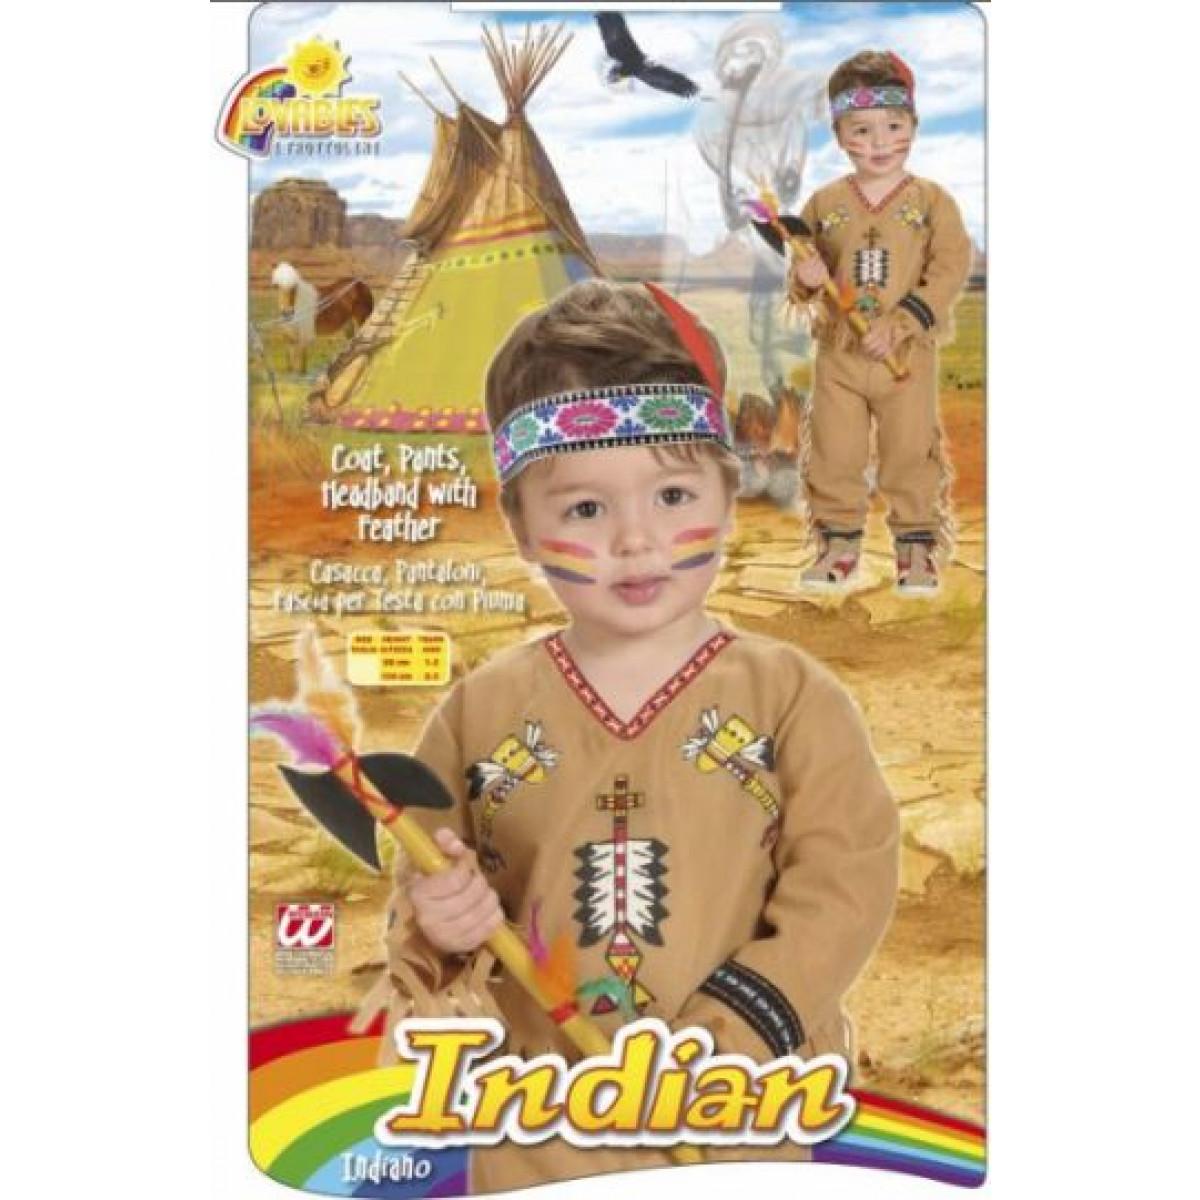 kostum za otroke indijanec 4892